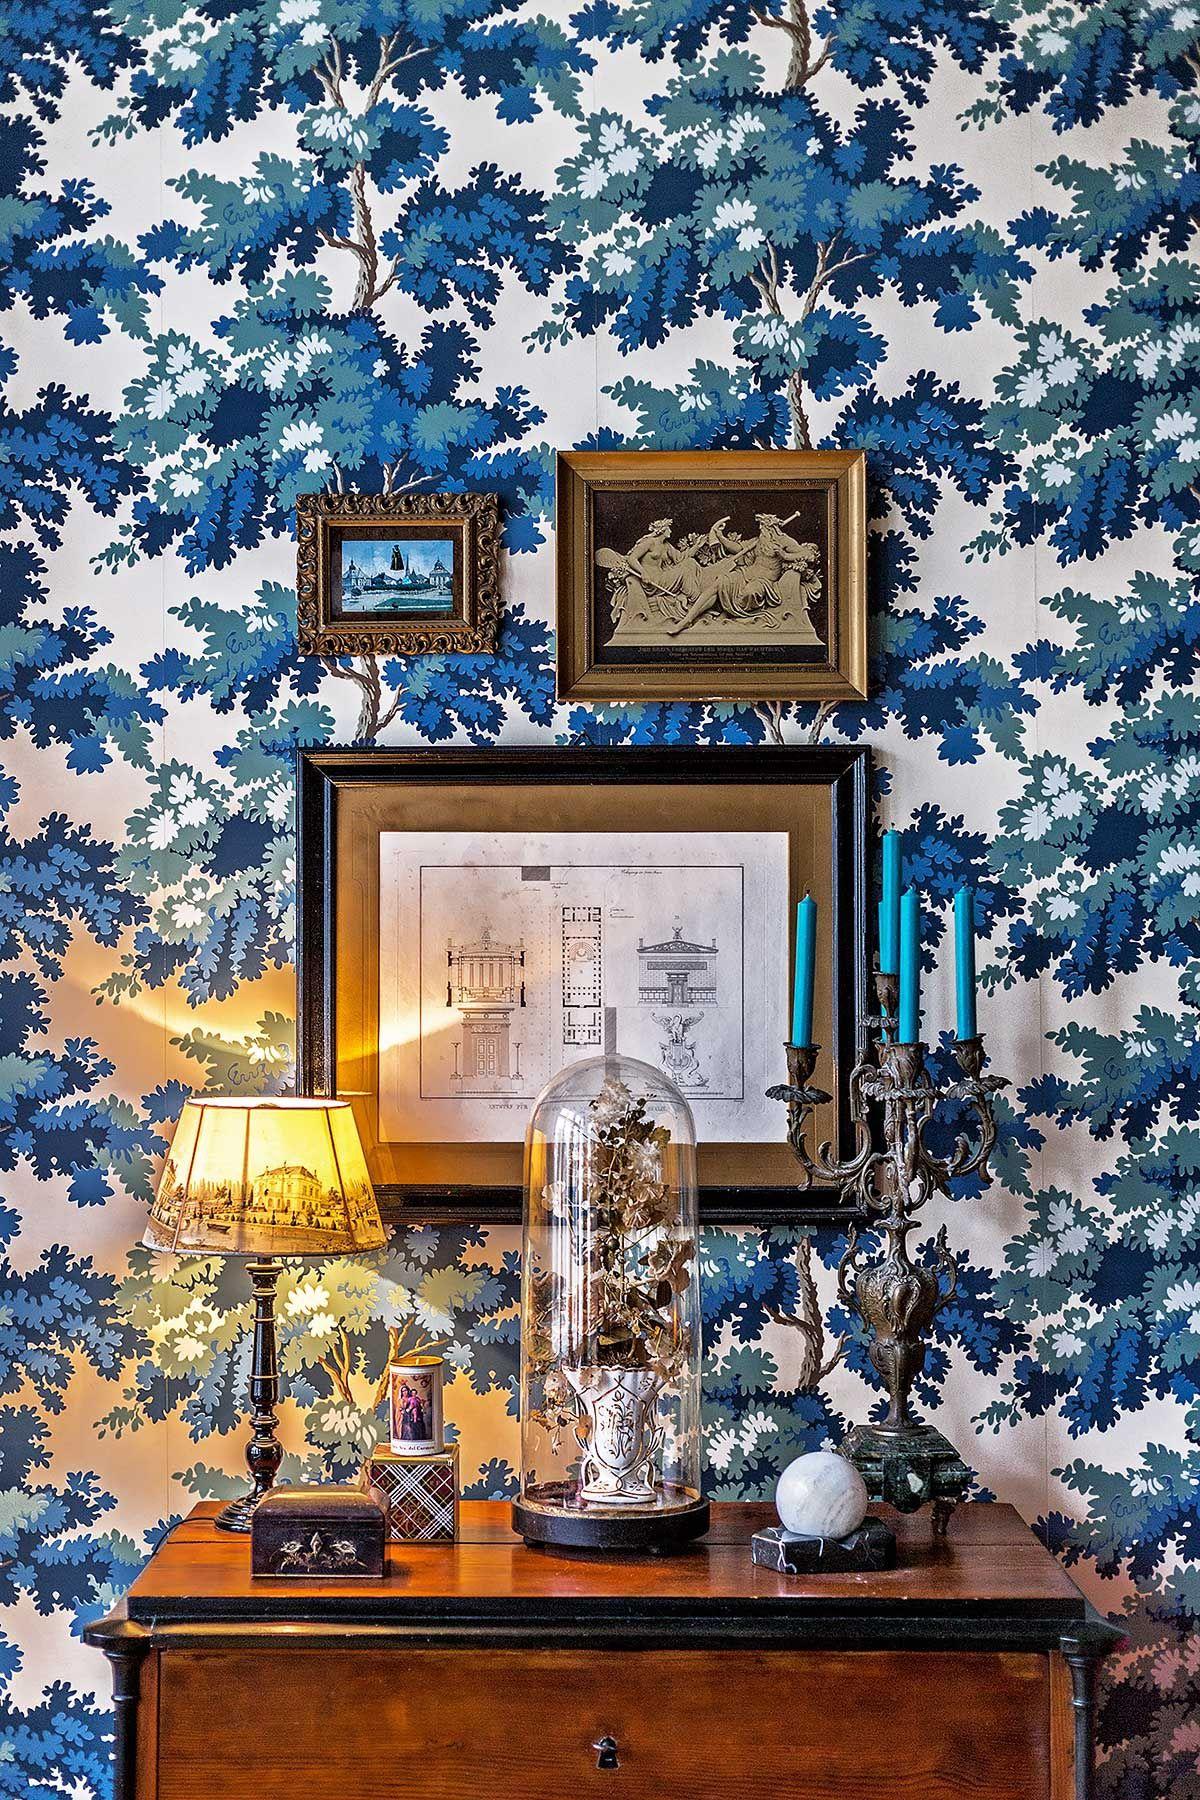 Vignette against tapestry-inspired wallpaper